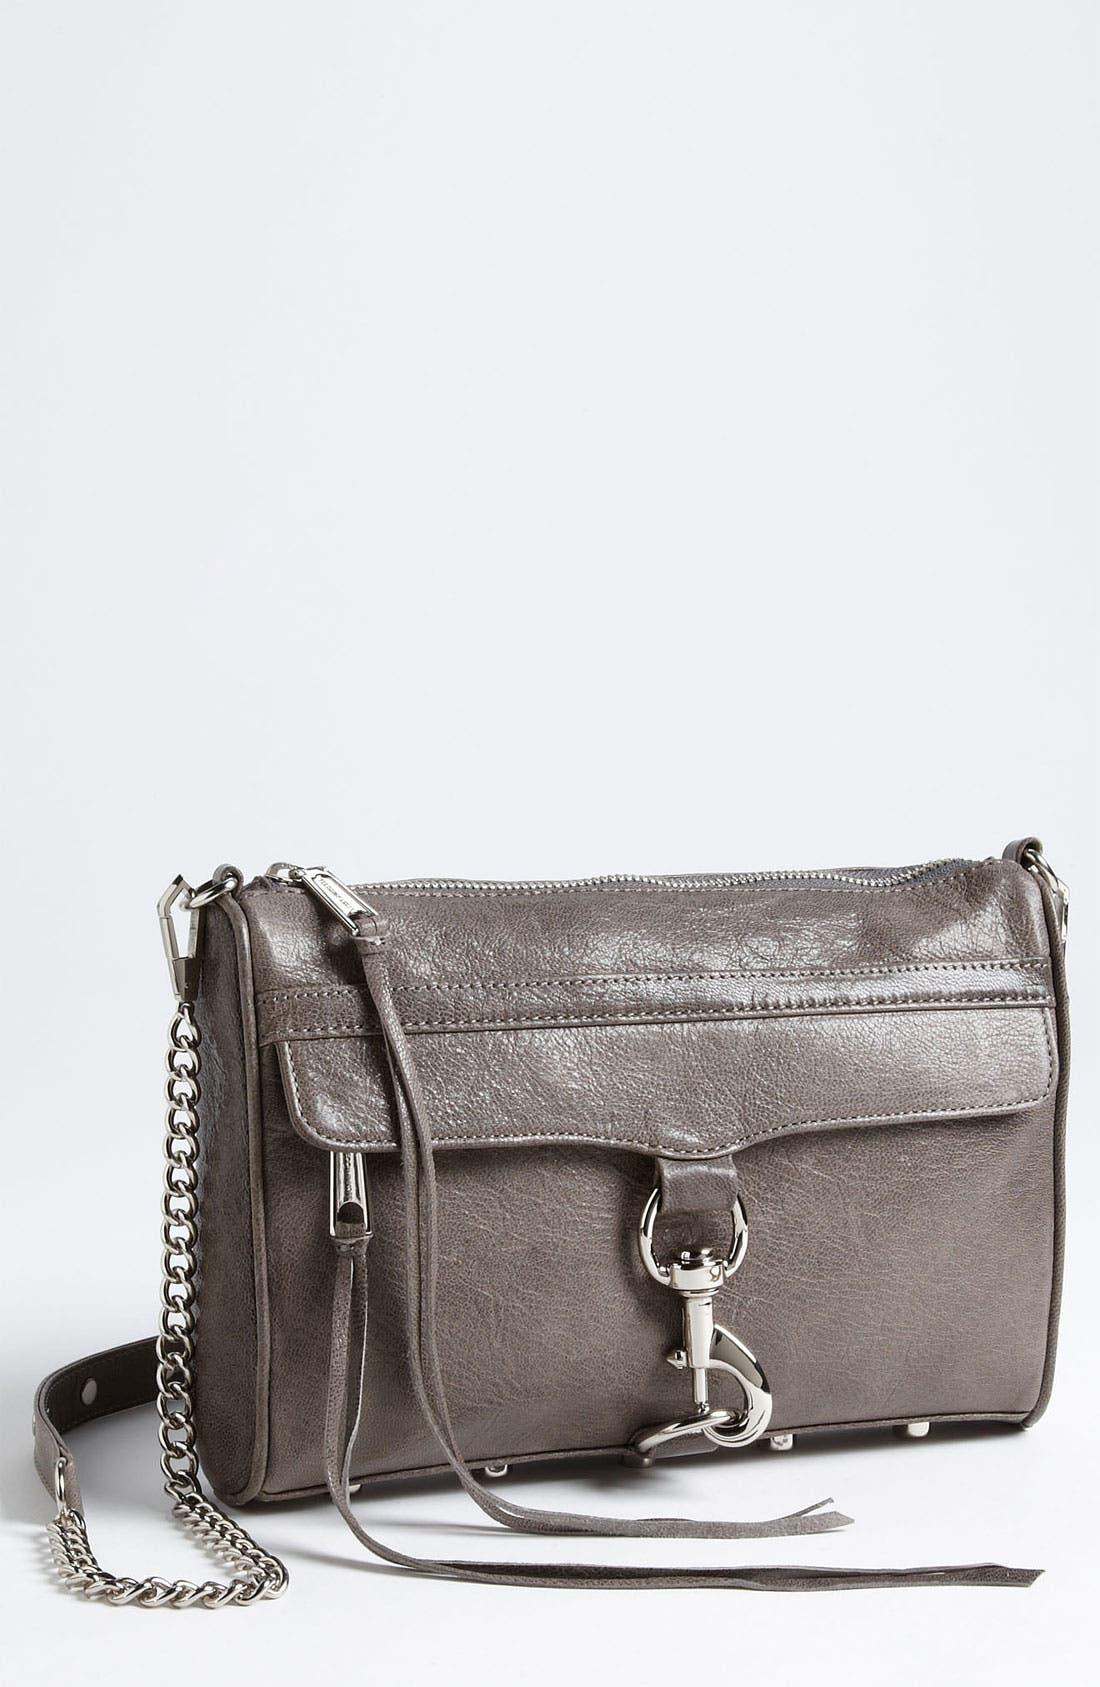 Alternate Image 1 Selected - Rebecca Minkoff 'MAC' Leather Shoulder Bag